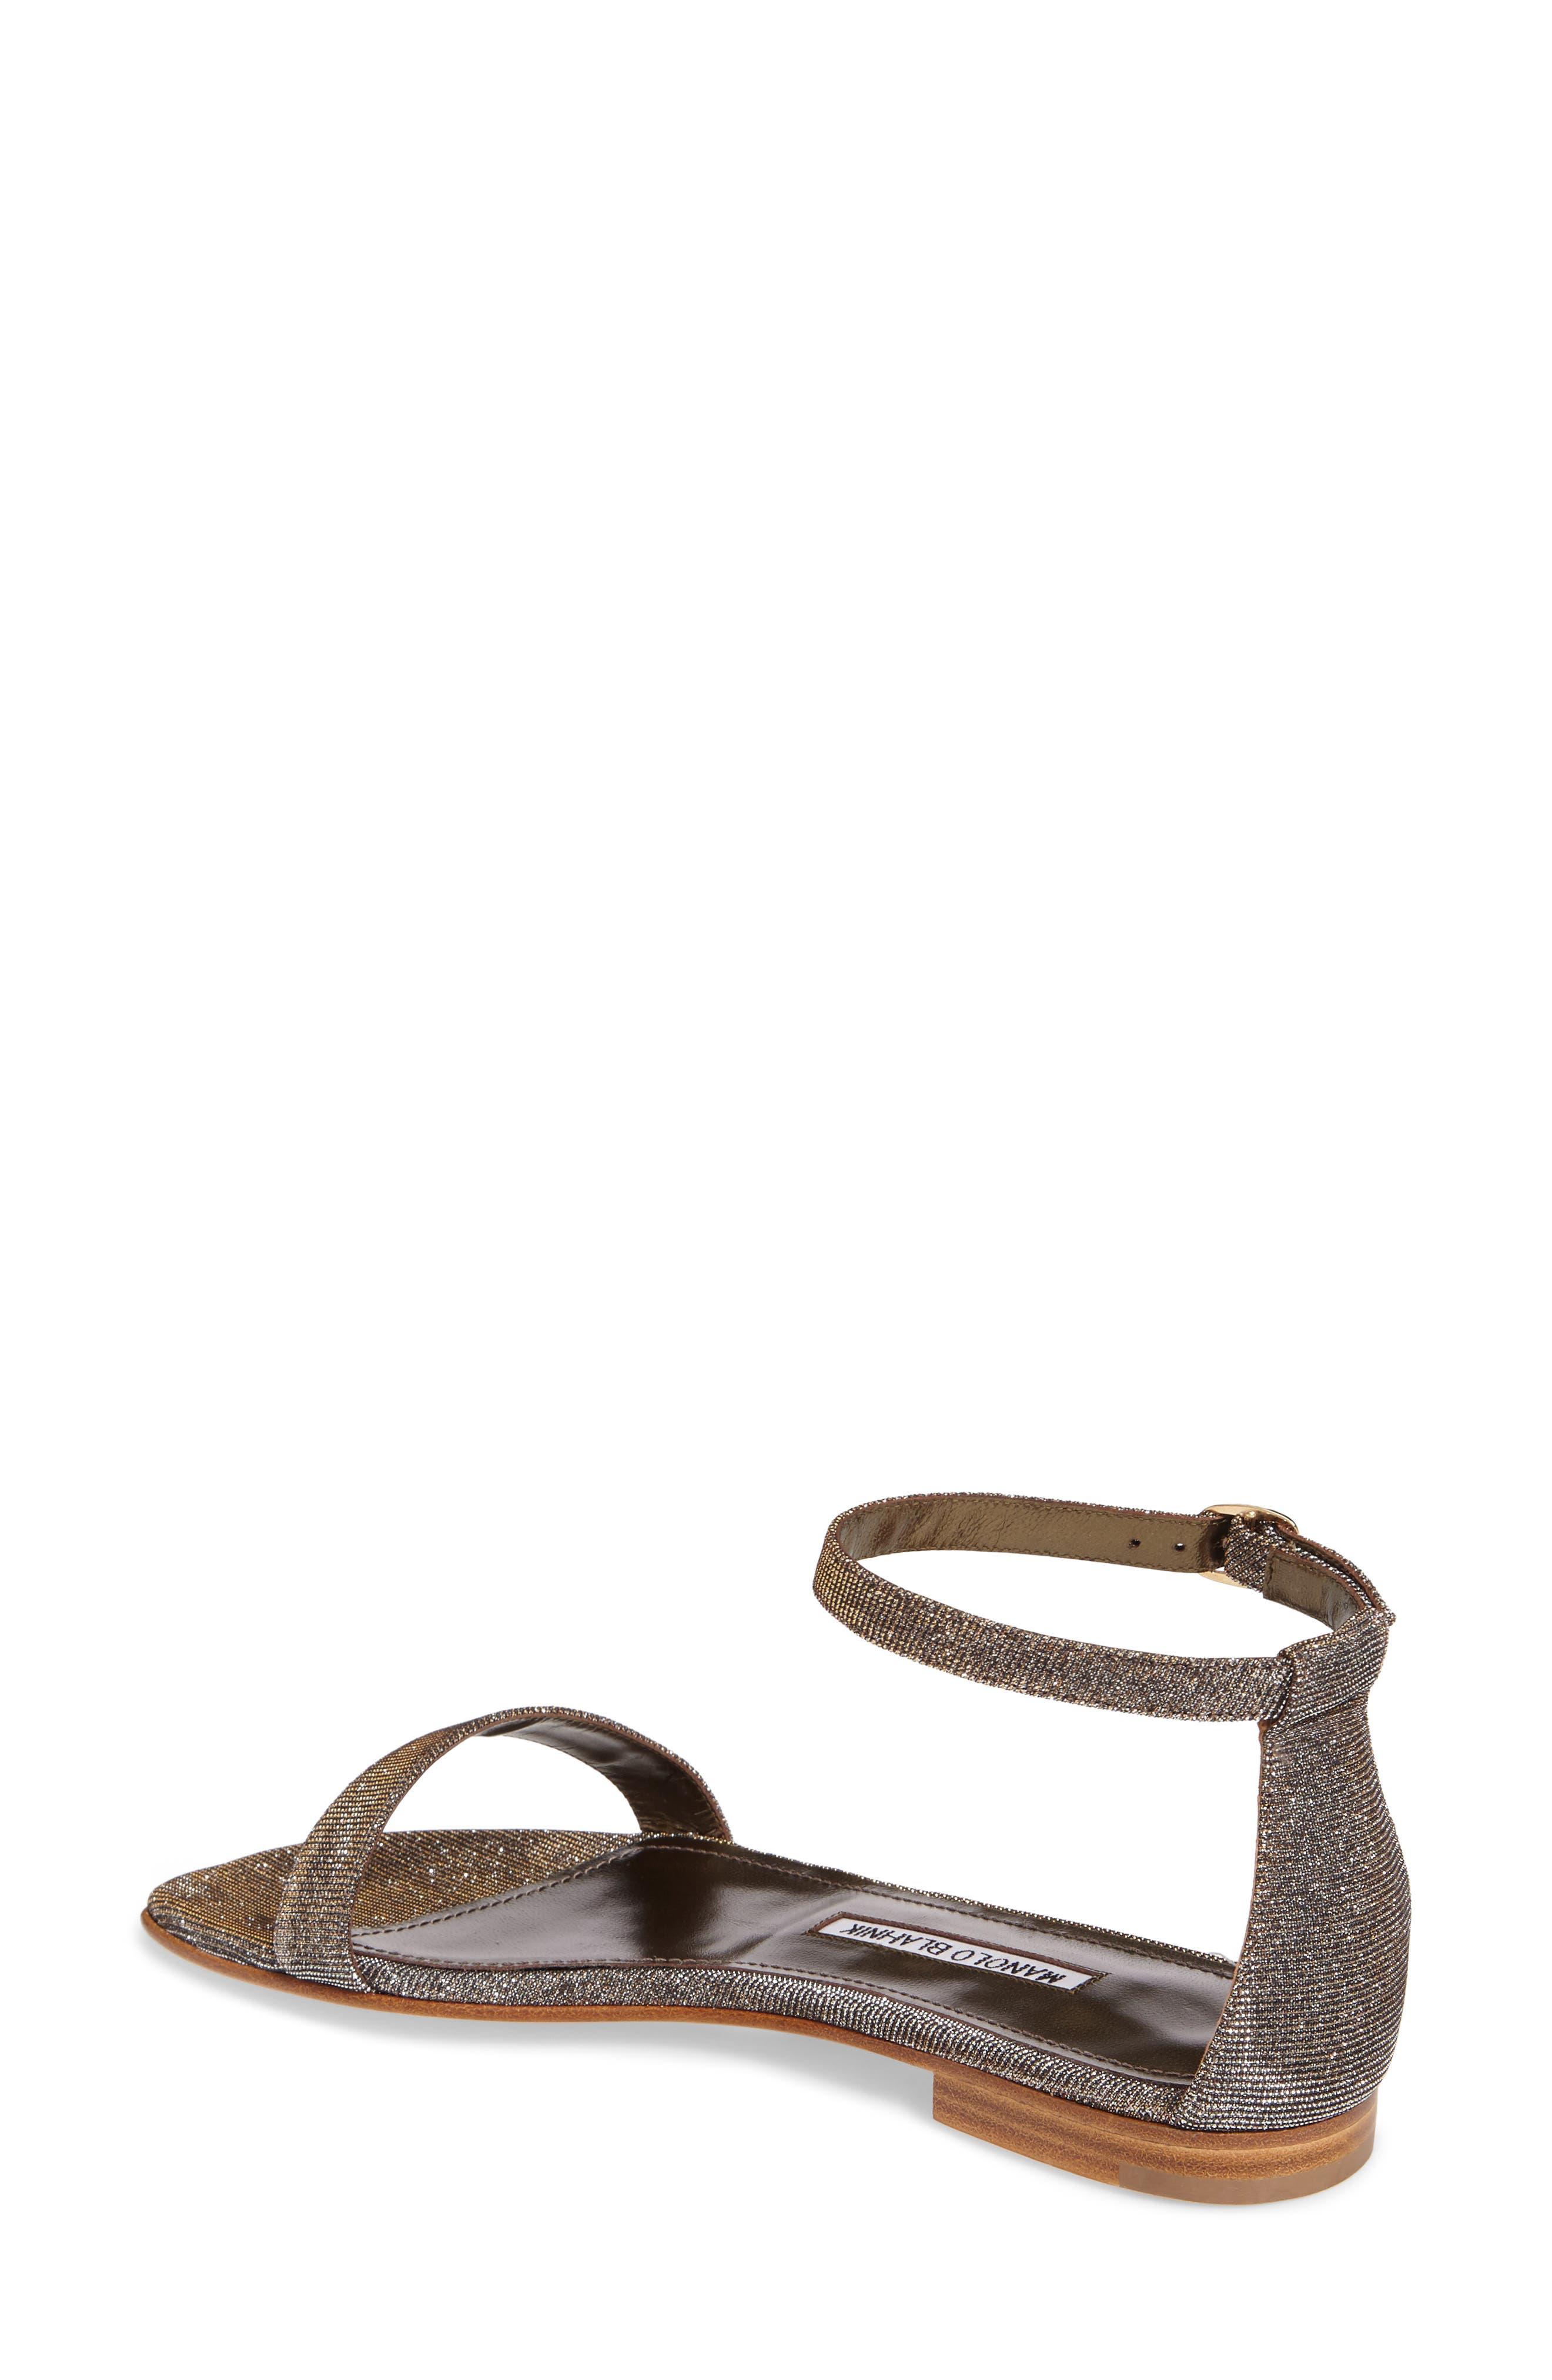 Alternate Image 2  - Manolo Blahnik Chafla Ankle Strap Sandal (Women)